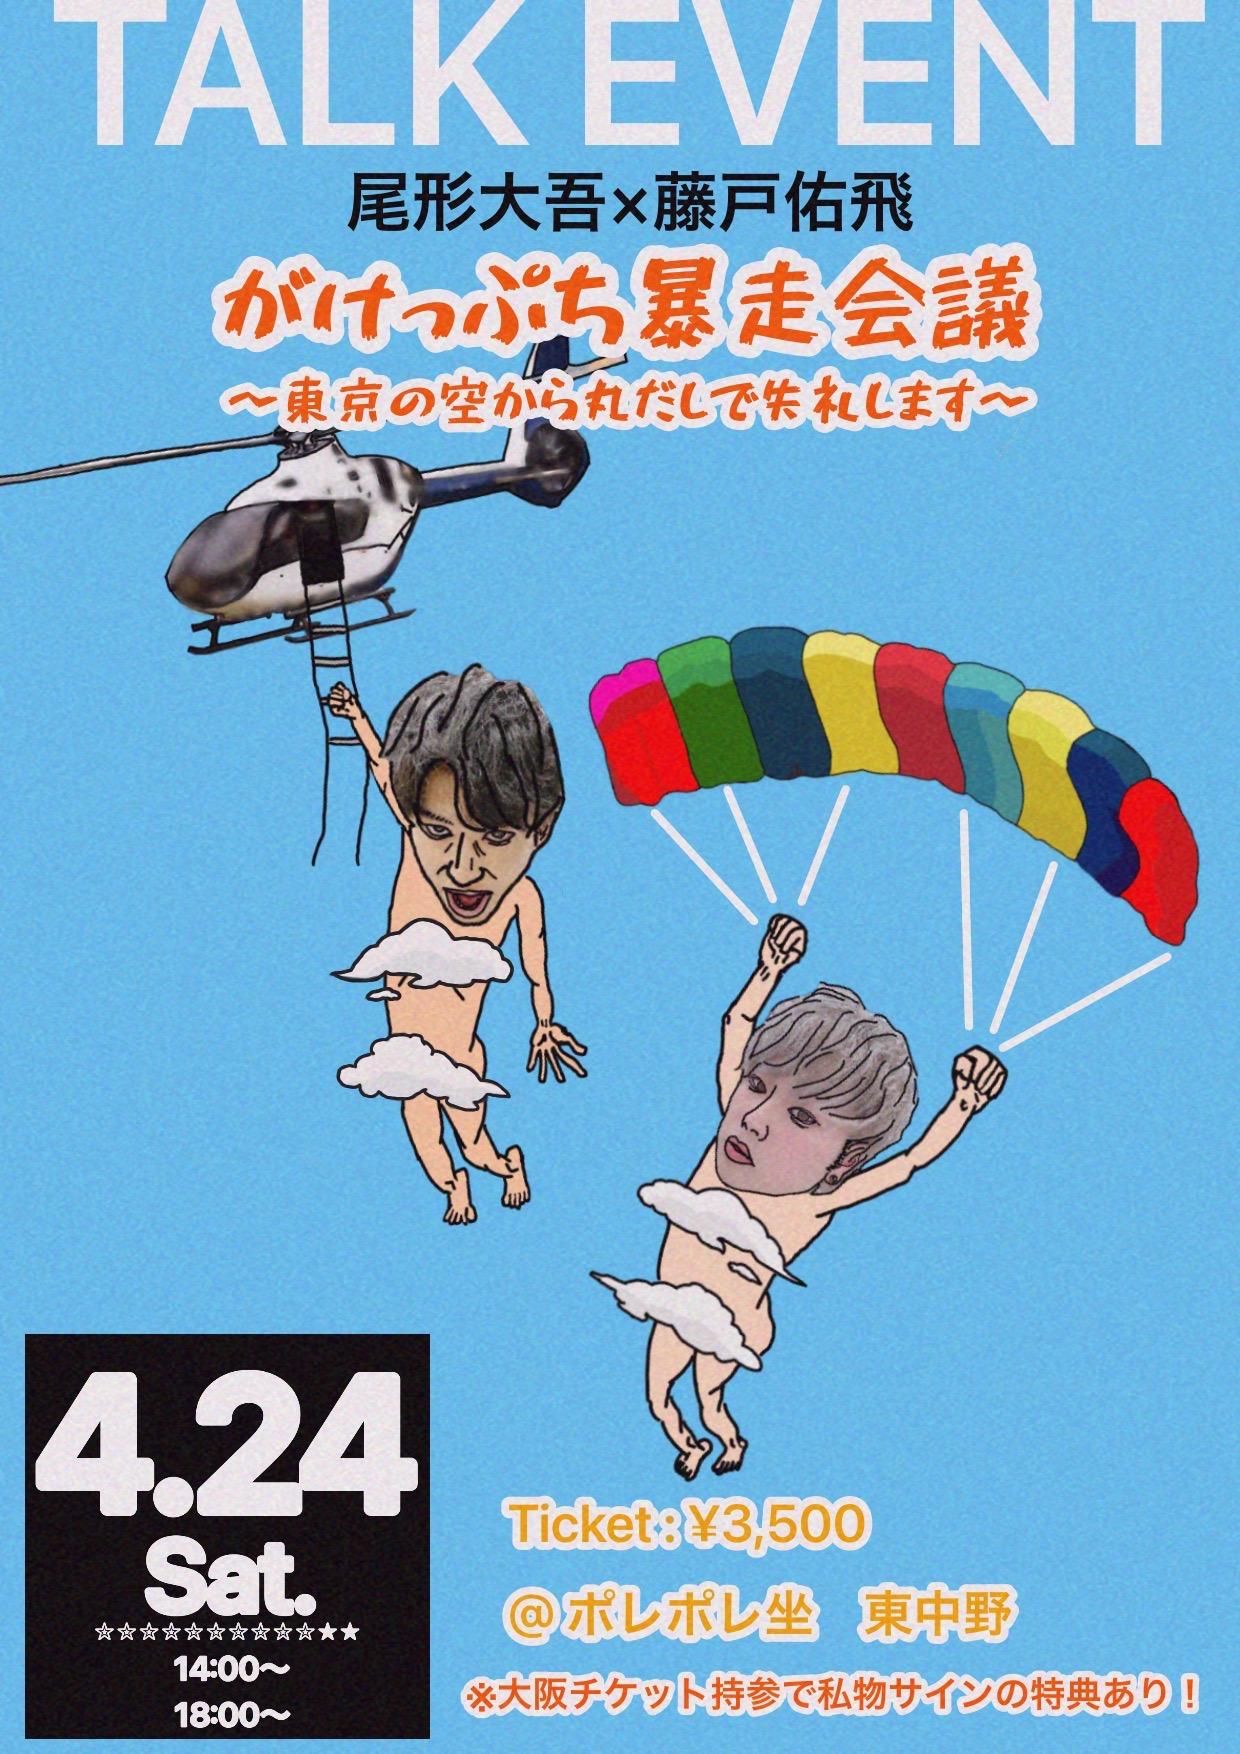 【夜の部】がけっぷち暴走会議〜東京の空から丸だしで失礼します〜